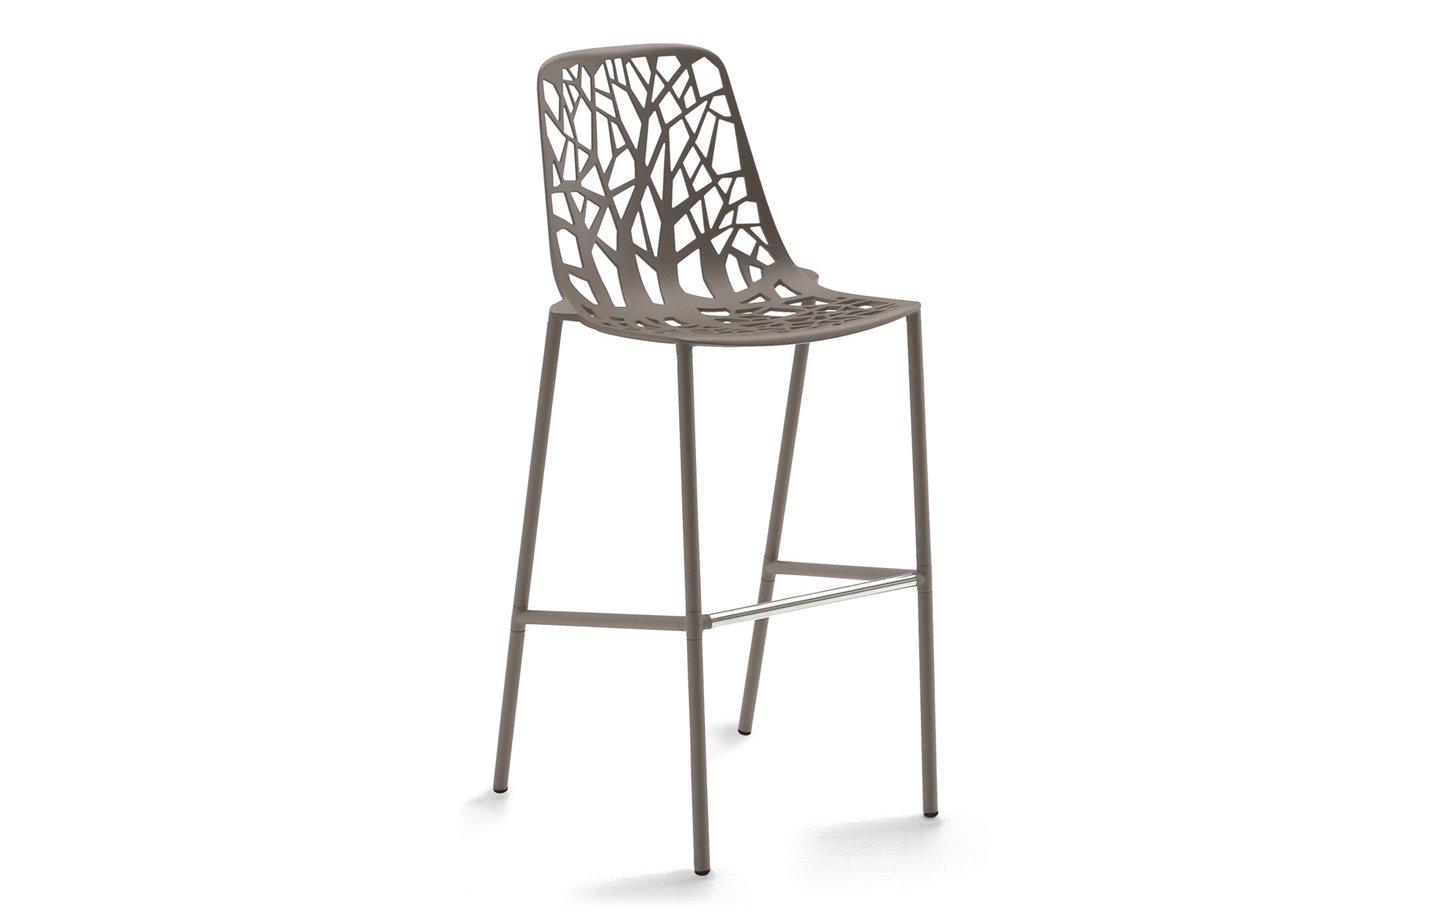 stool chair dubai cheap computer chairs forest bar fabiia uae